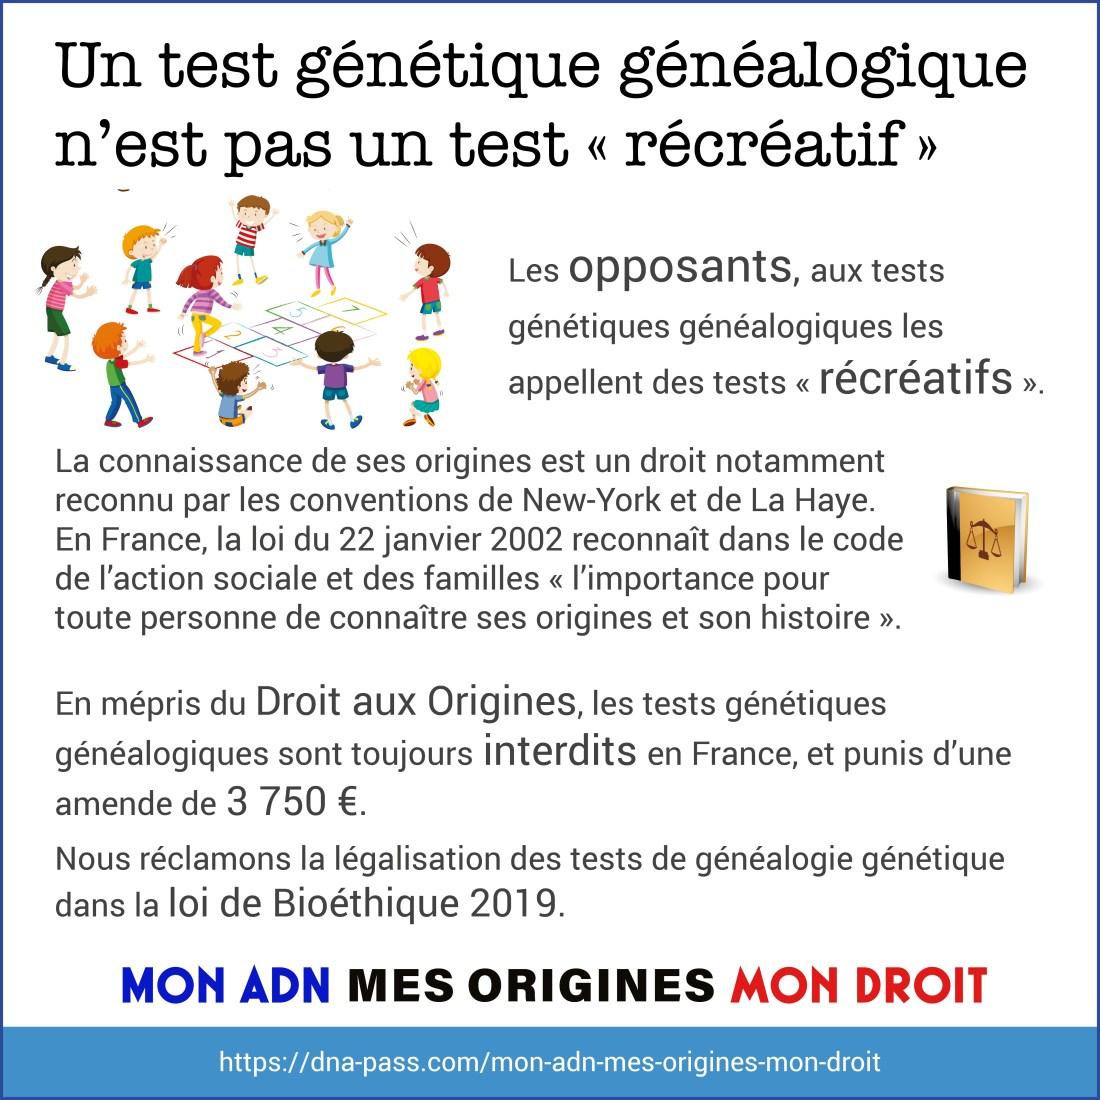 Un test génétique généalogique n'est pas un test récréatif